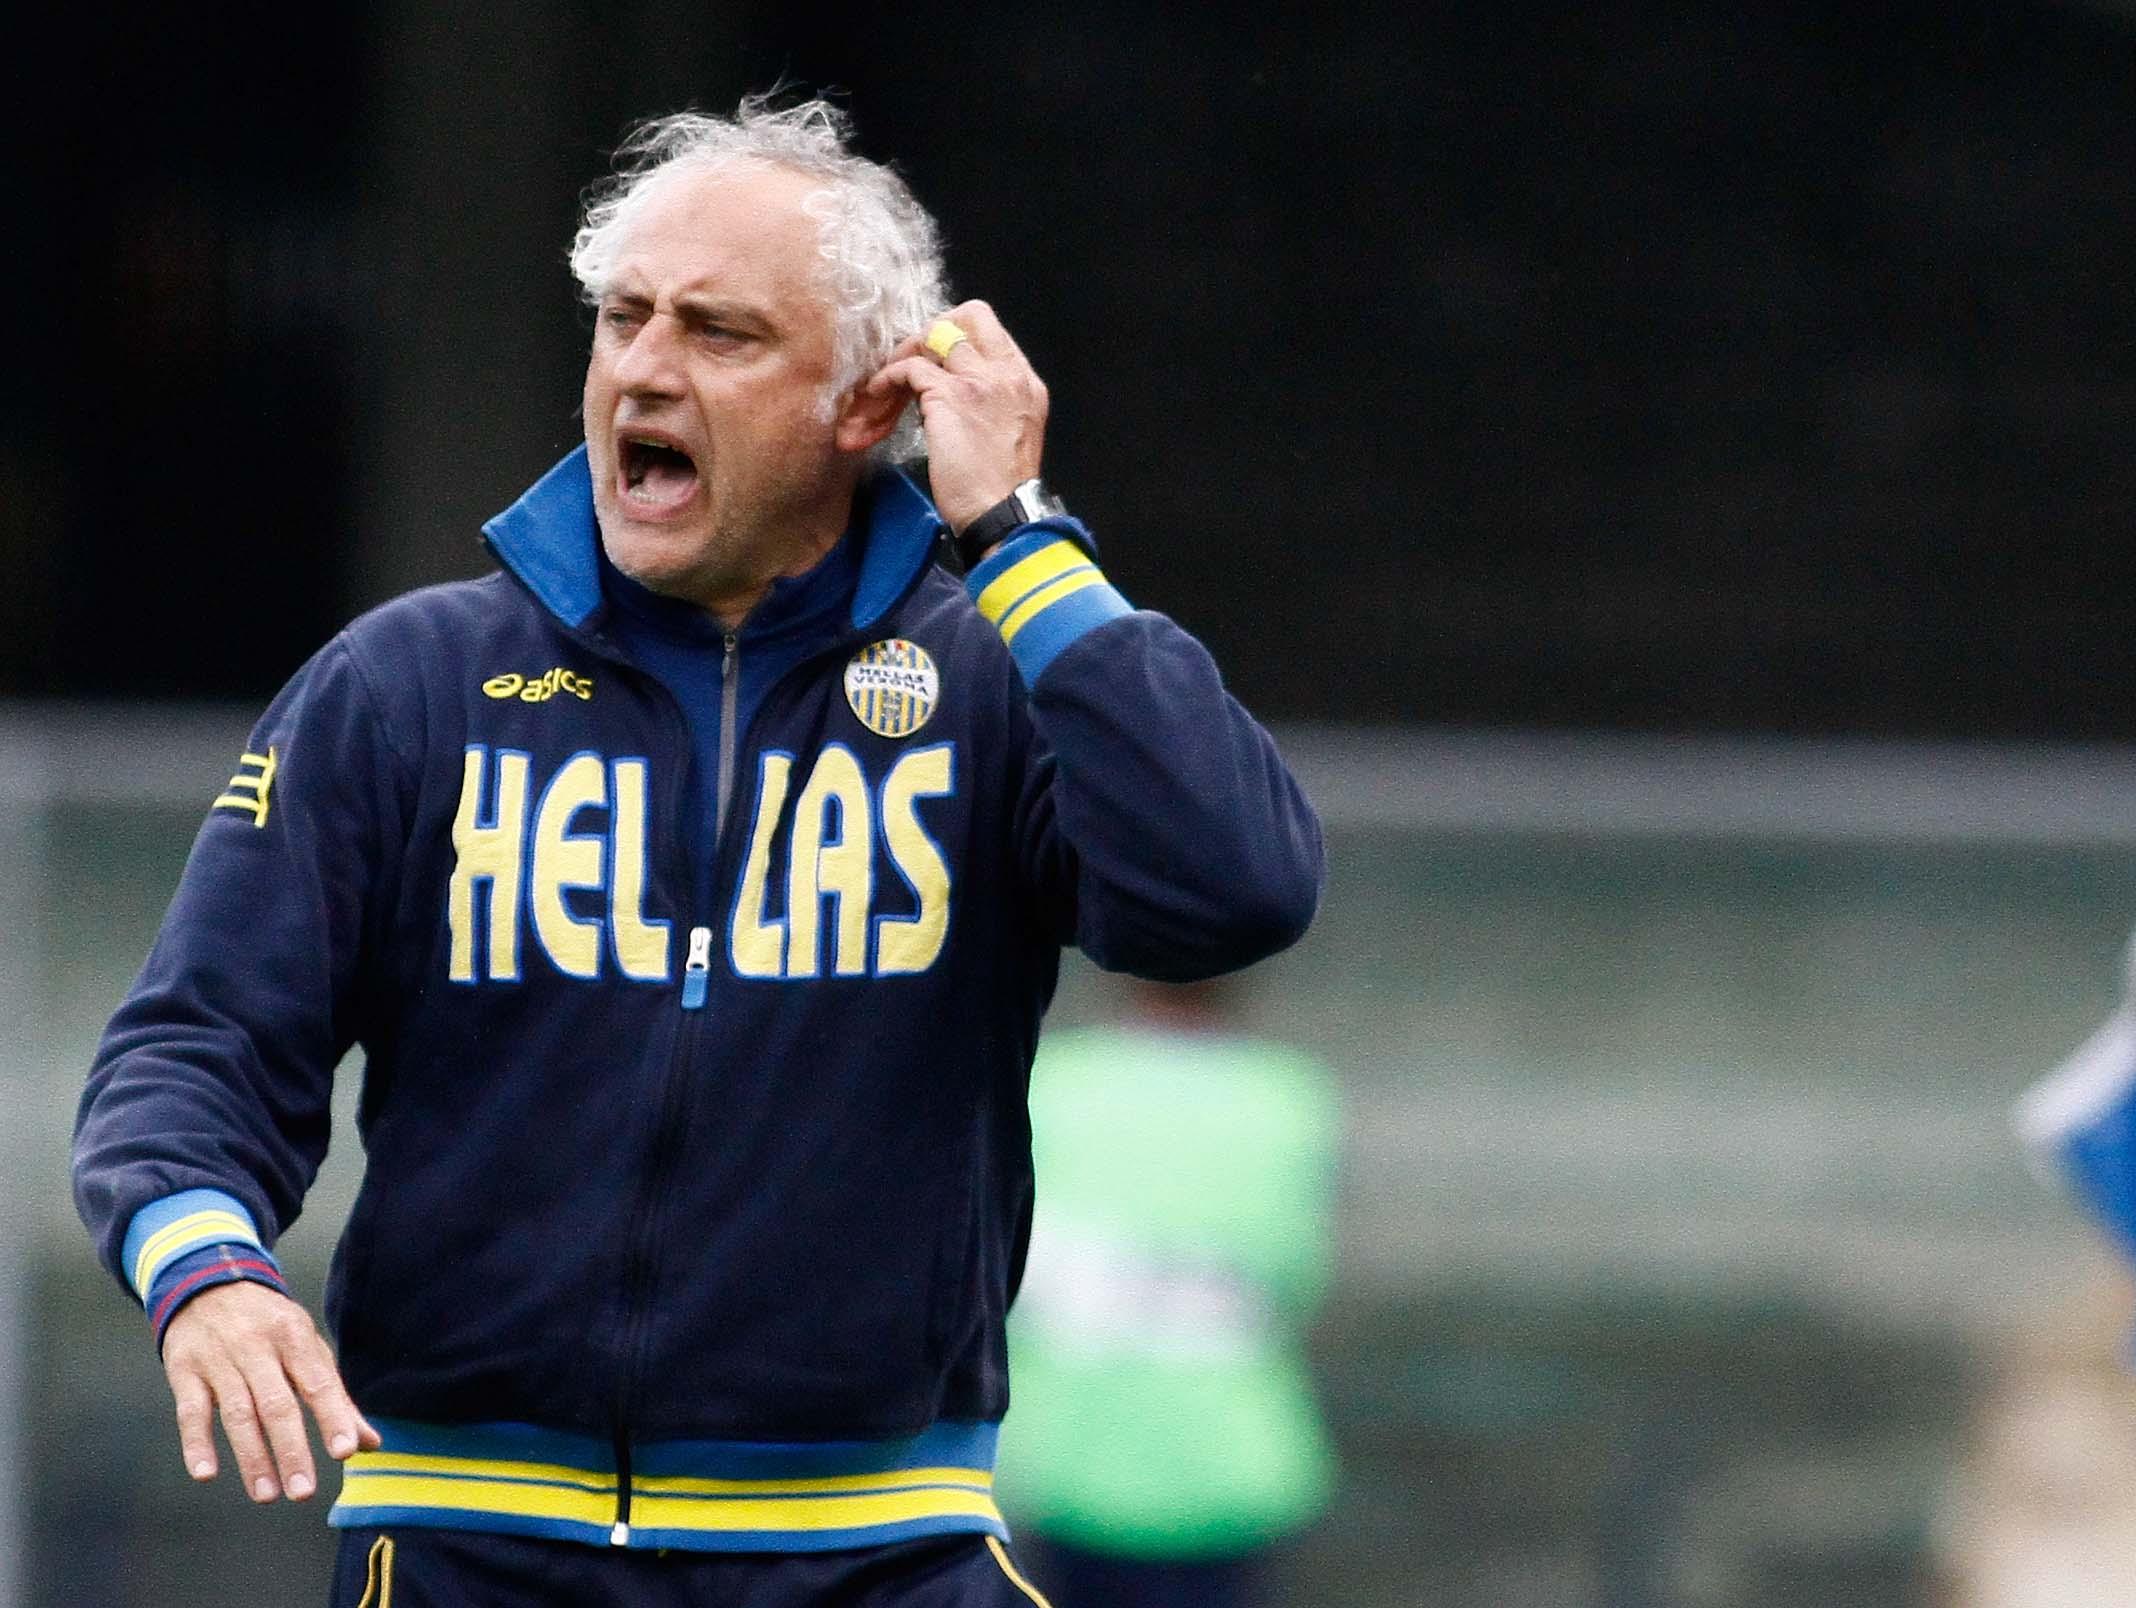 Hellas Verona - Livorno